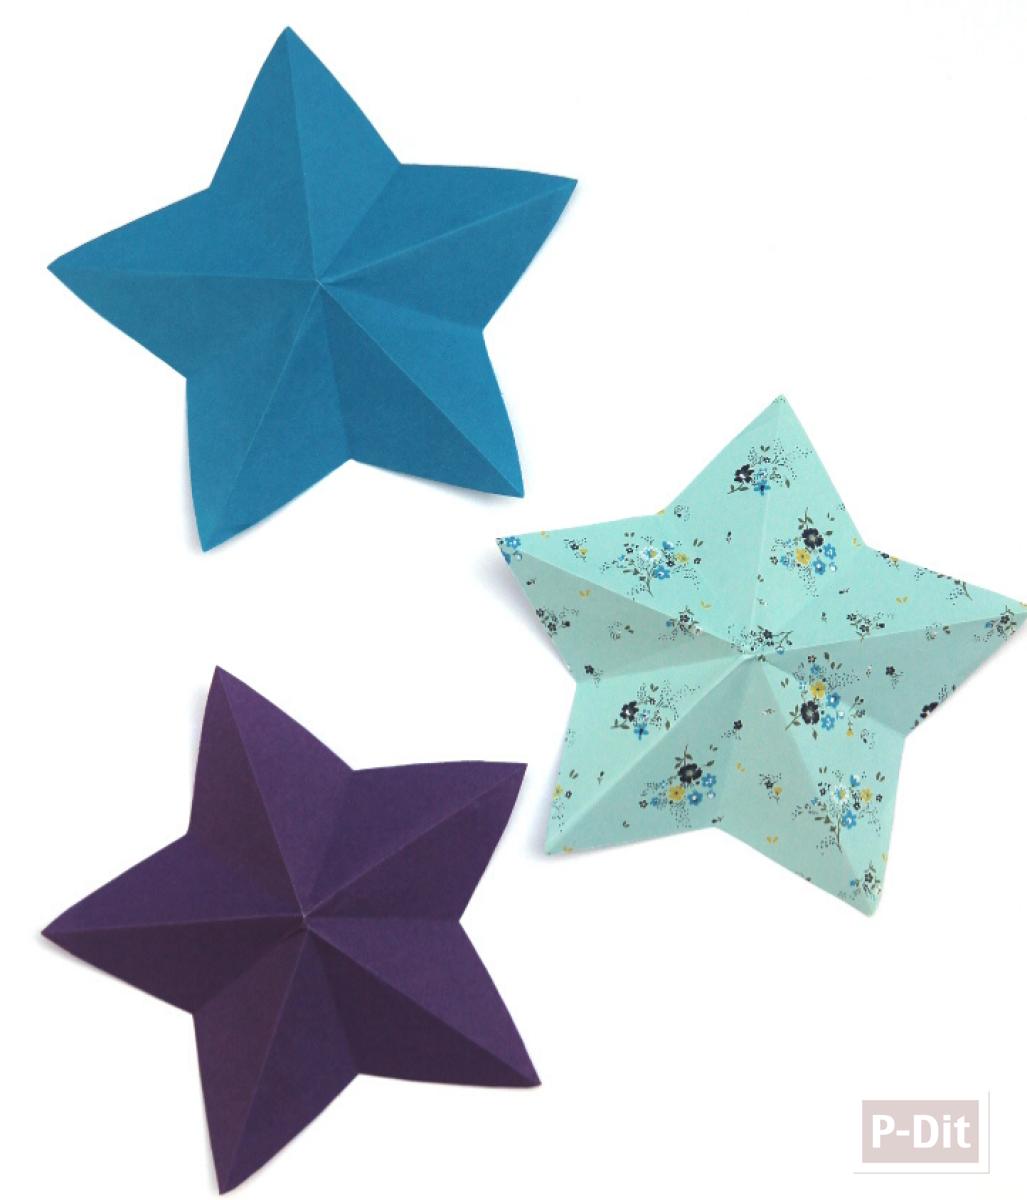 สอนพับดาวกระดาษ แบบง่ายๆ